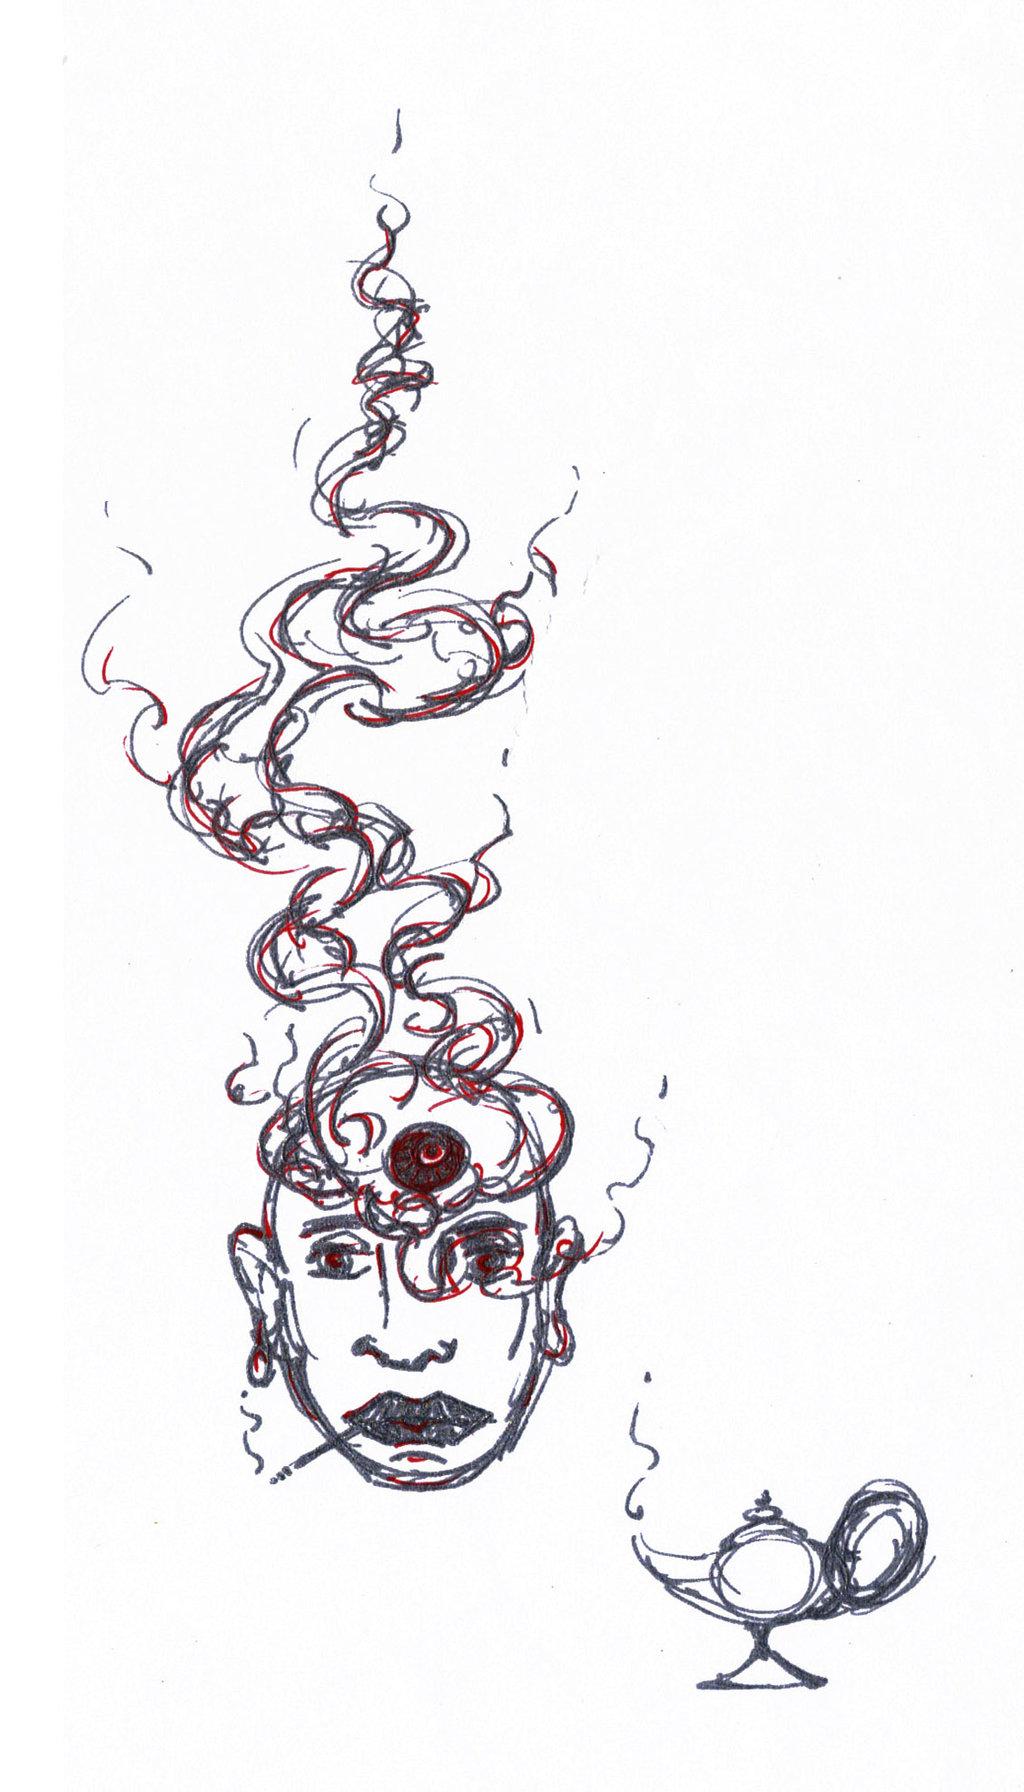 Drawn smokey genie Smokey Smokey DeviantArt Genie A